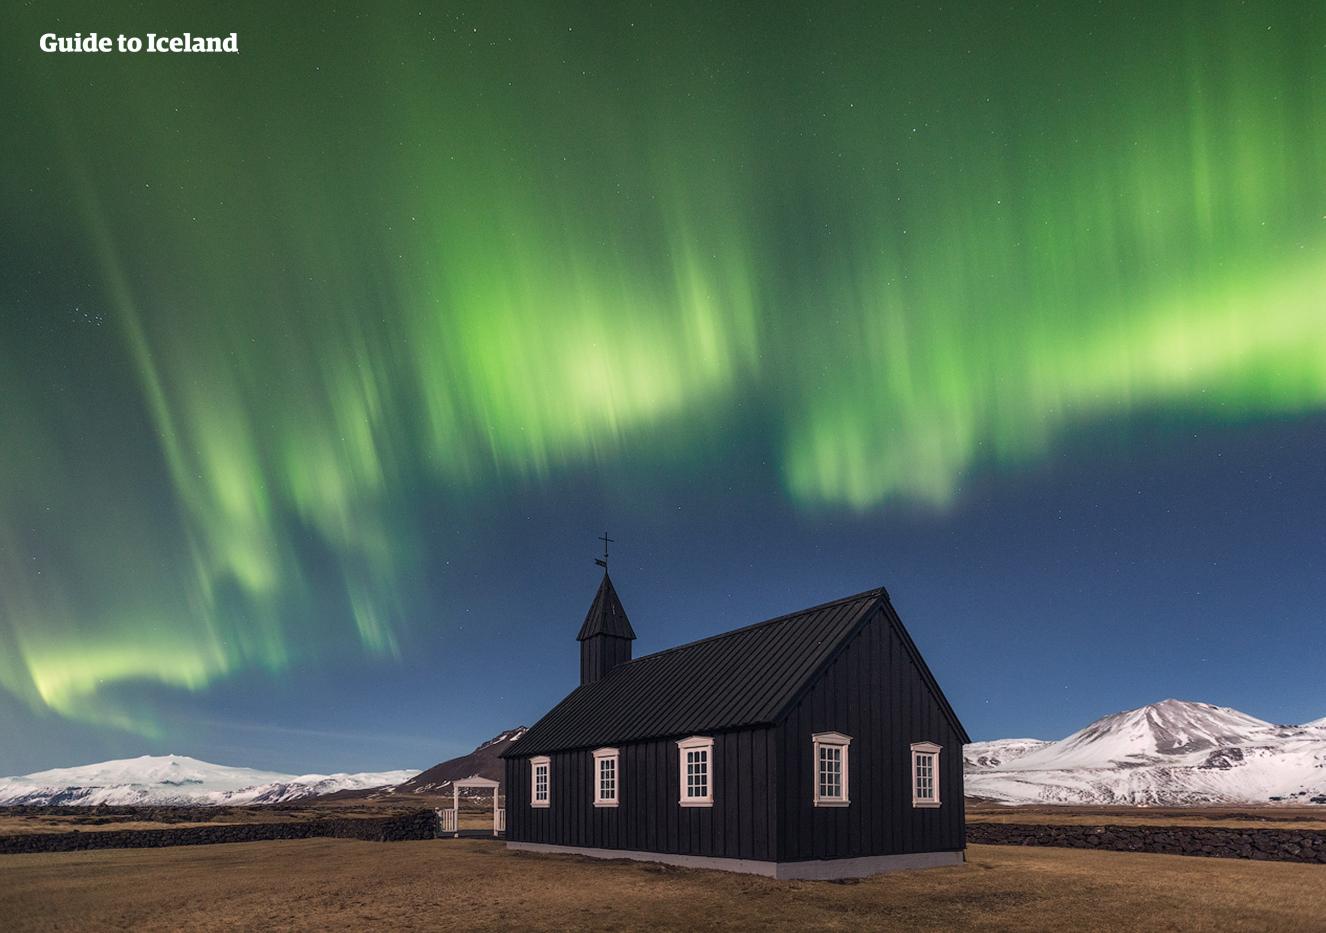 Der Himmel über der schwarzen Kirche von Budir auf der Halbinsel Snaefellsnes erstrahlt im grünen Licht der Aurora Borealis.